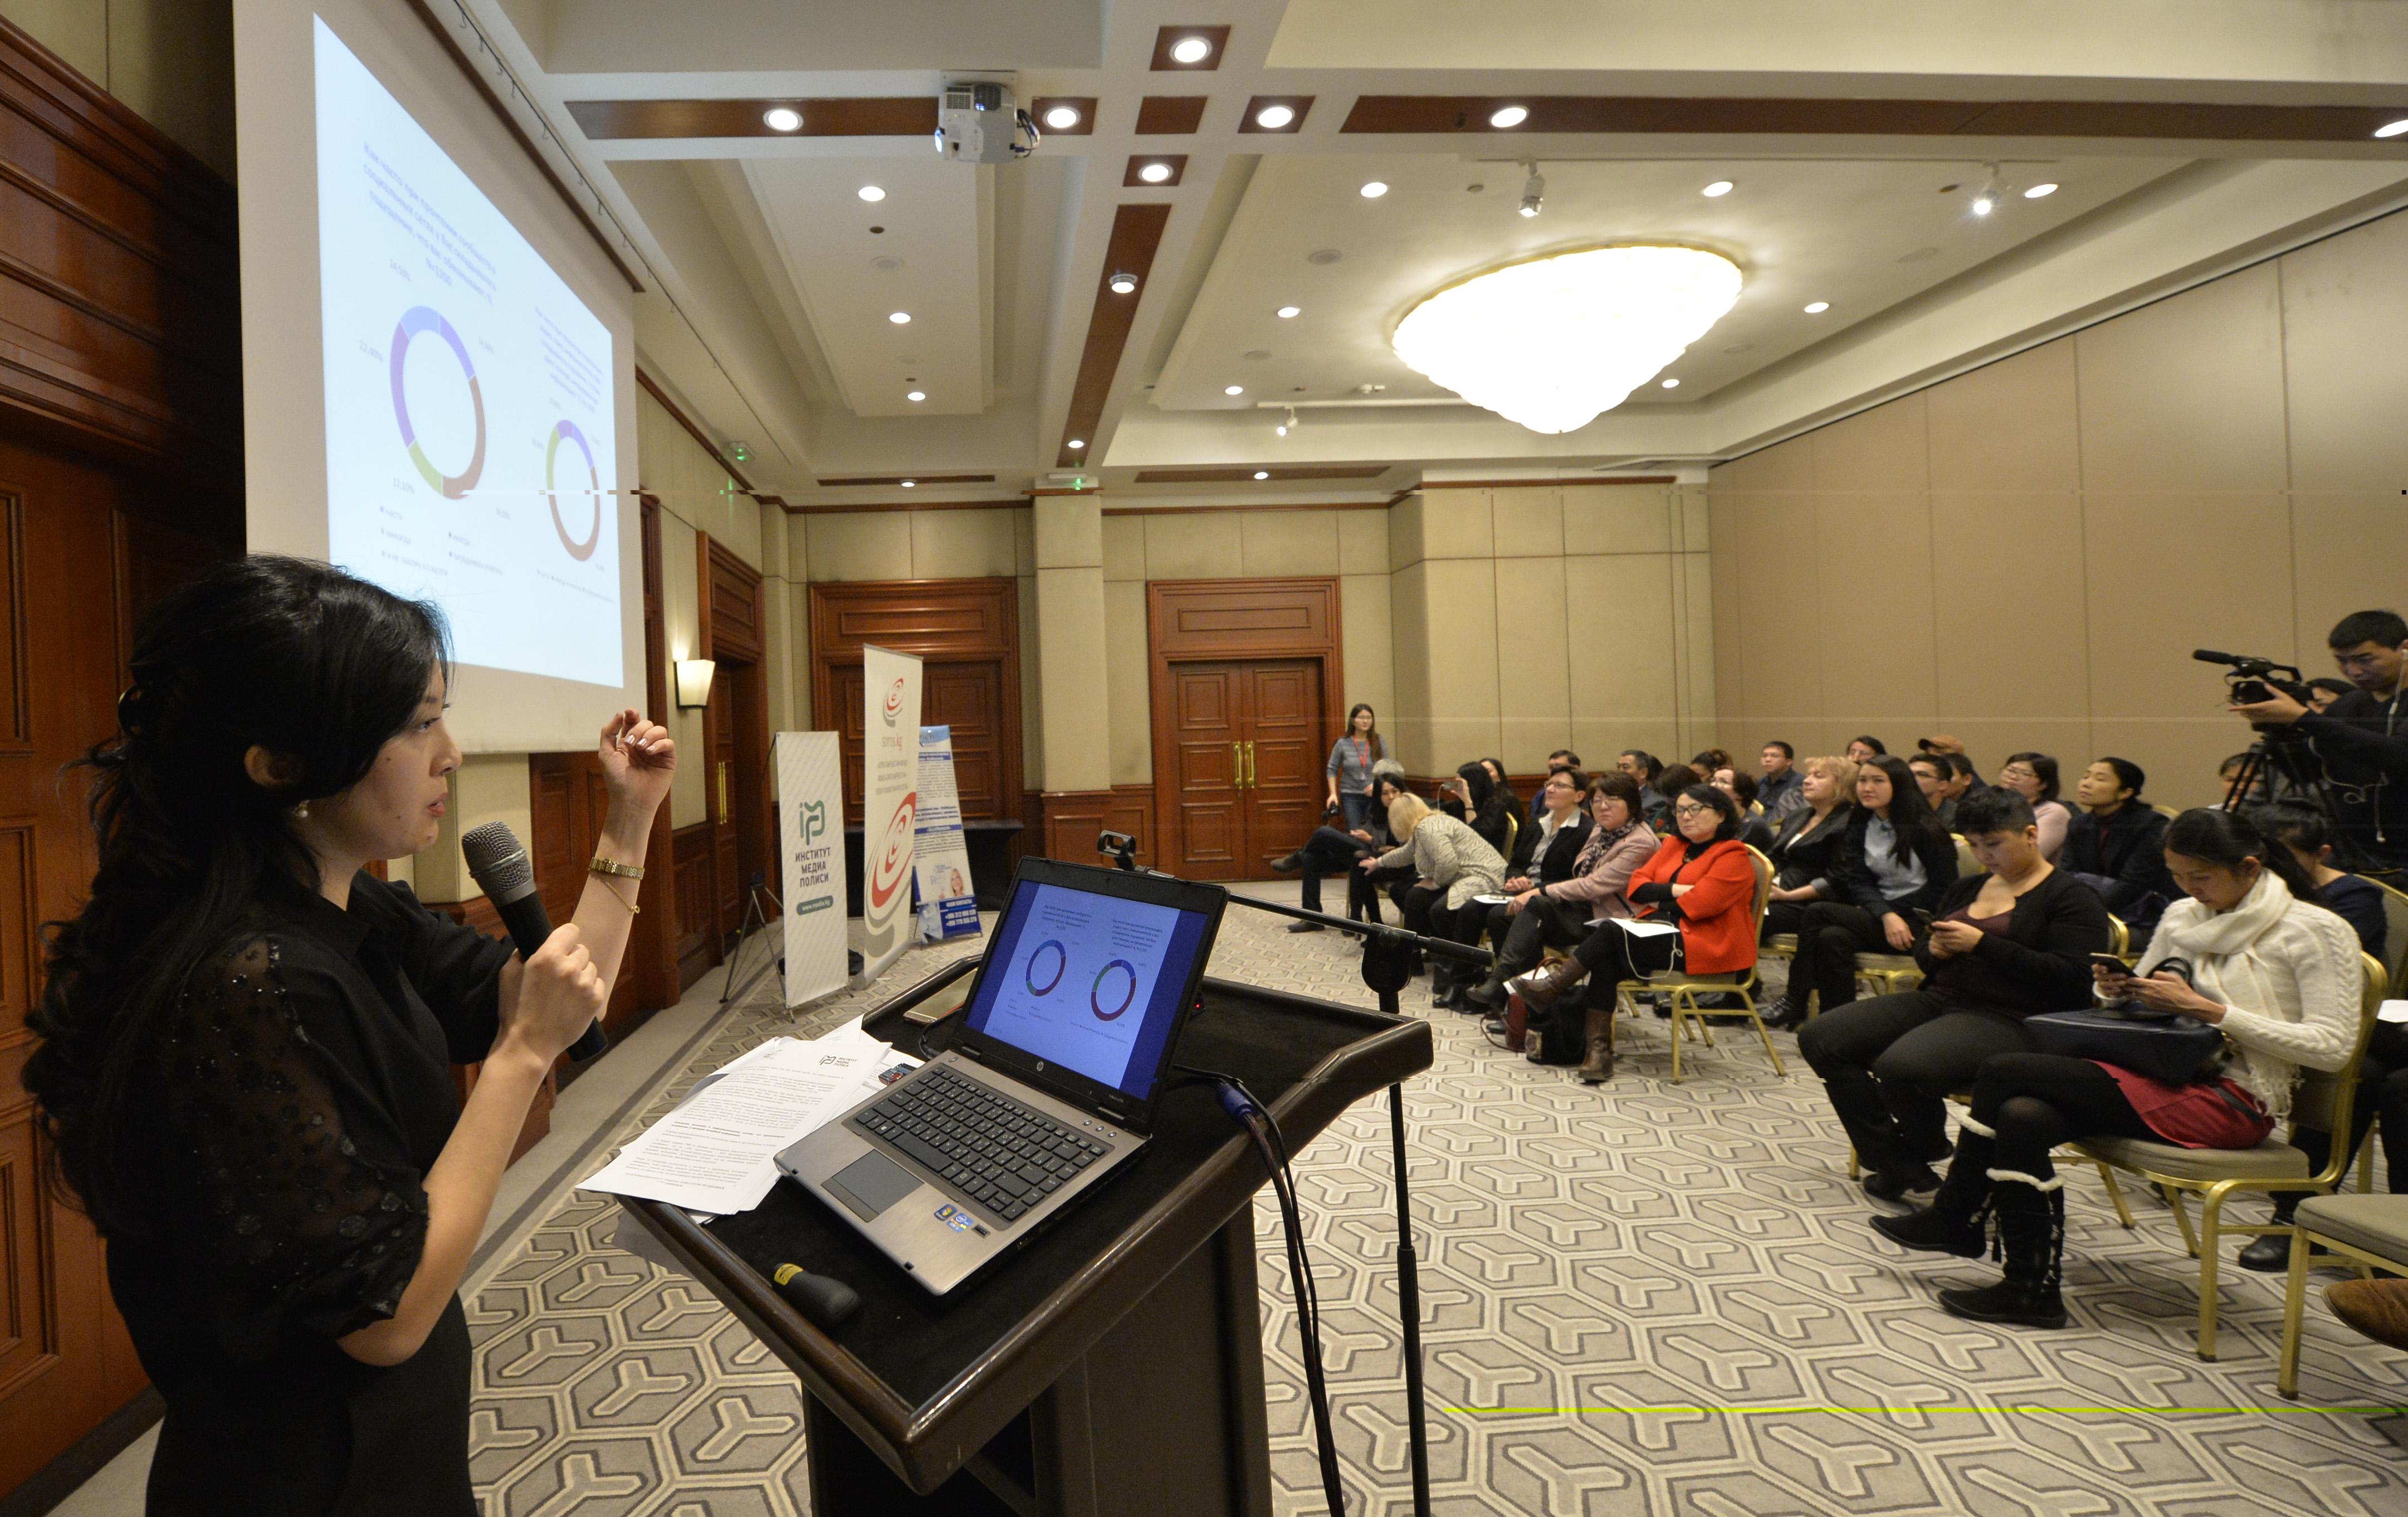 ИМП публикует отчет по итогам исследования уровня медиаграмотности в Кыргызстане